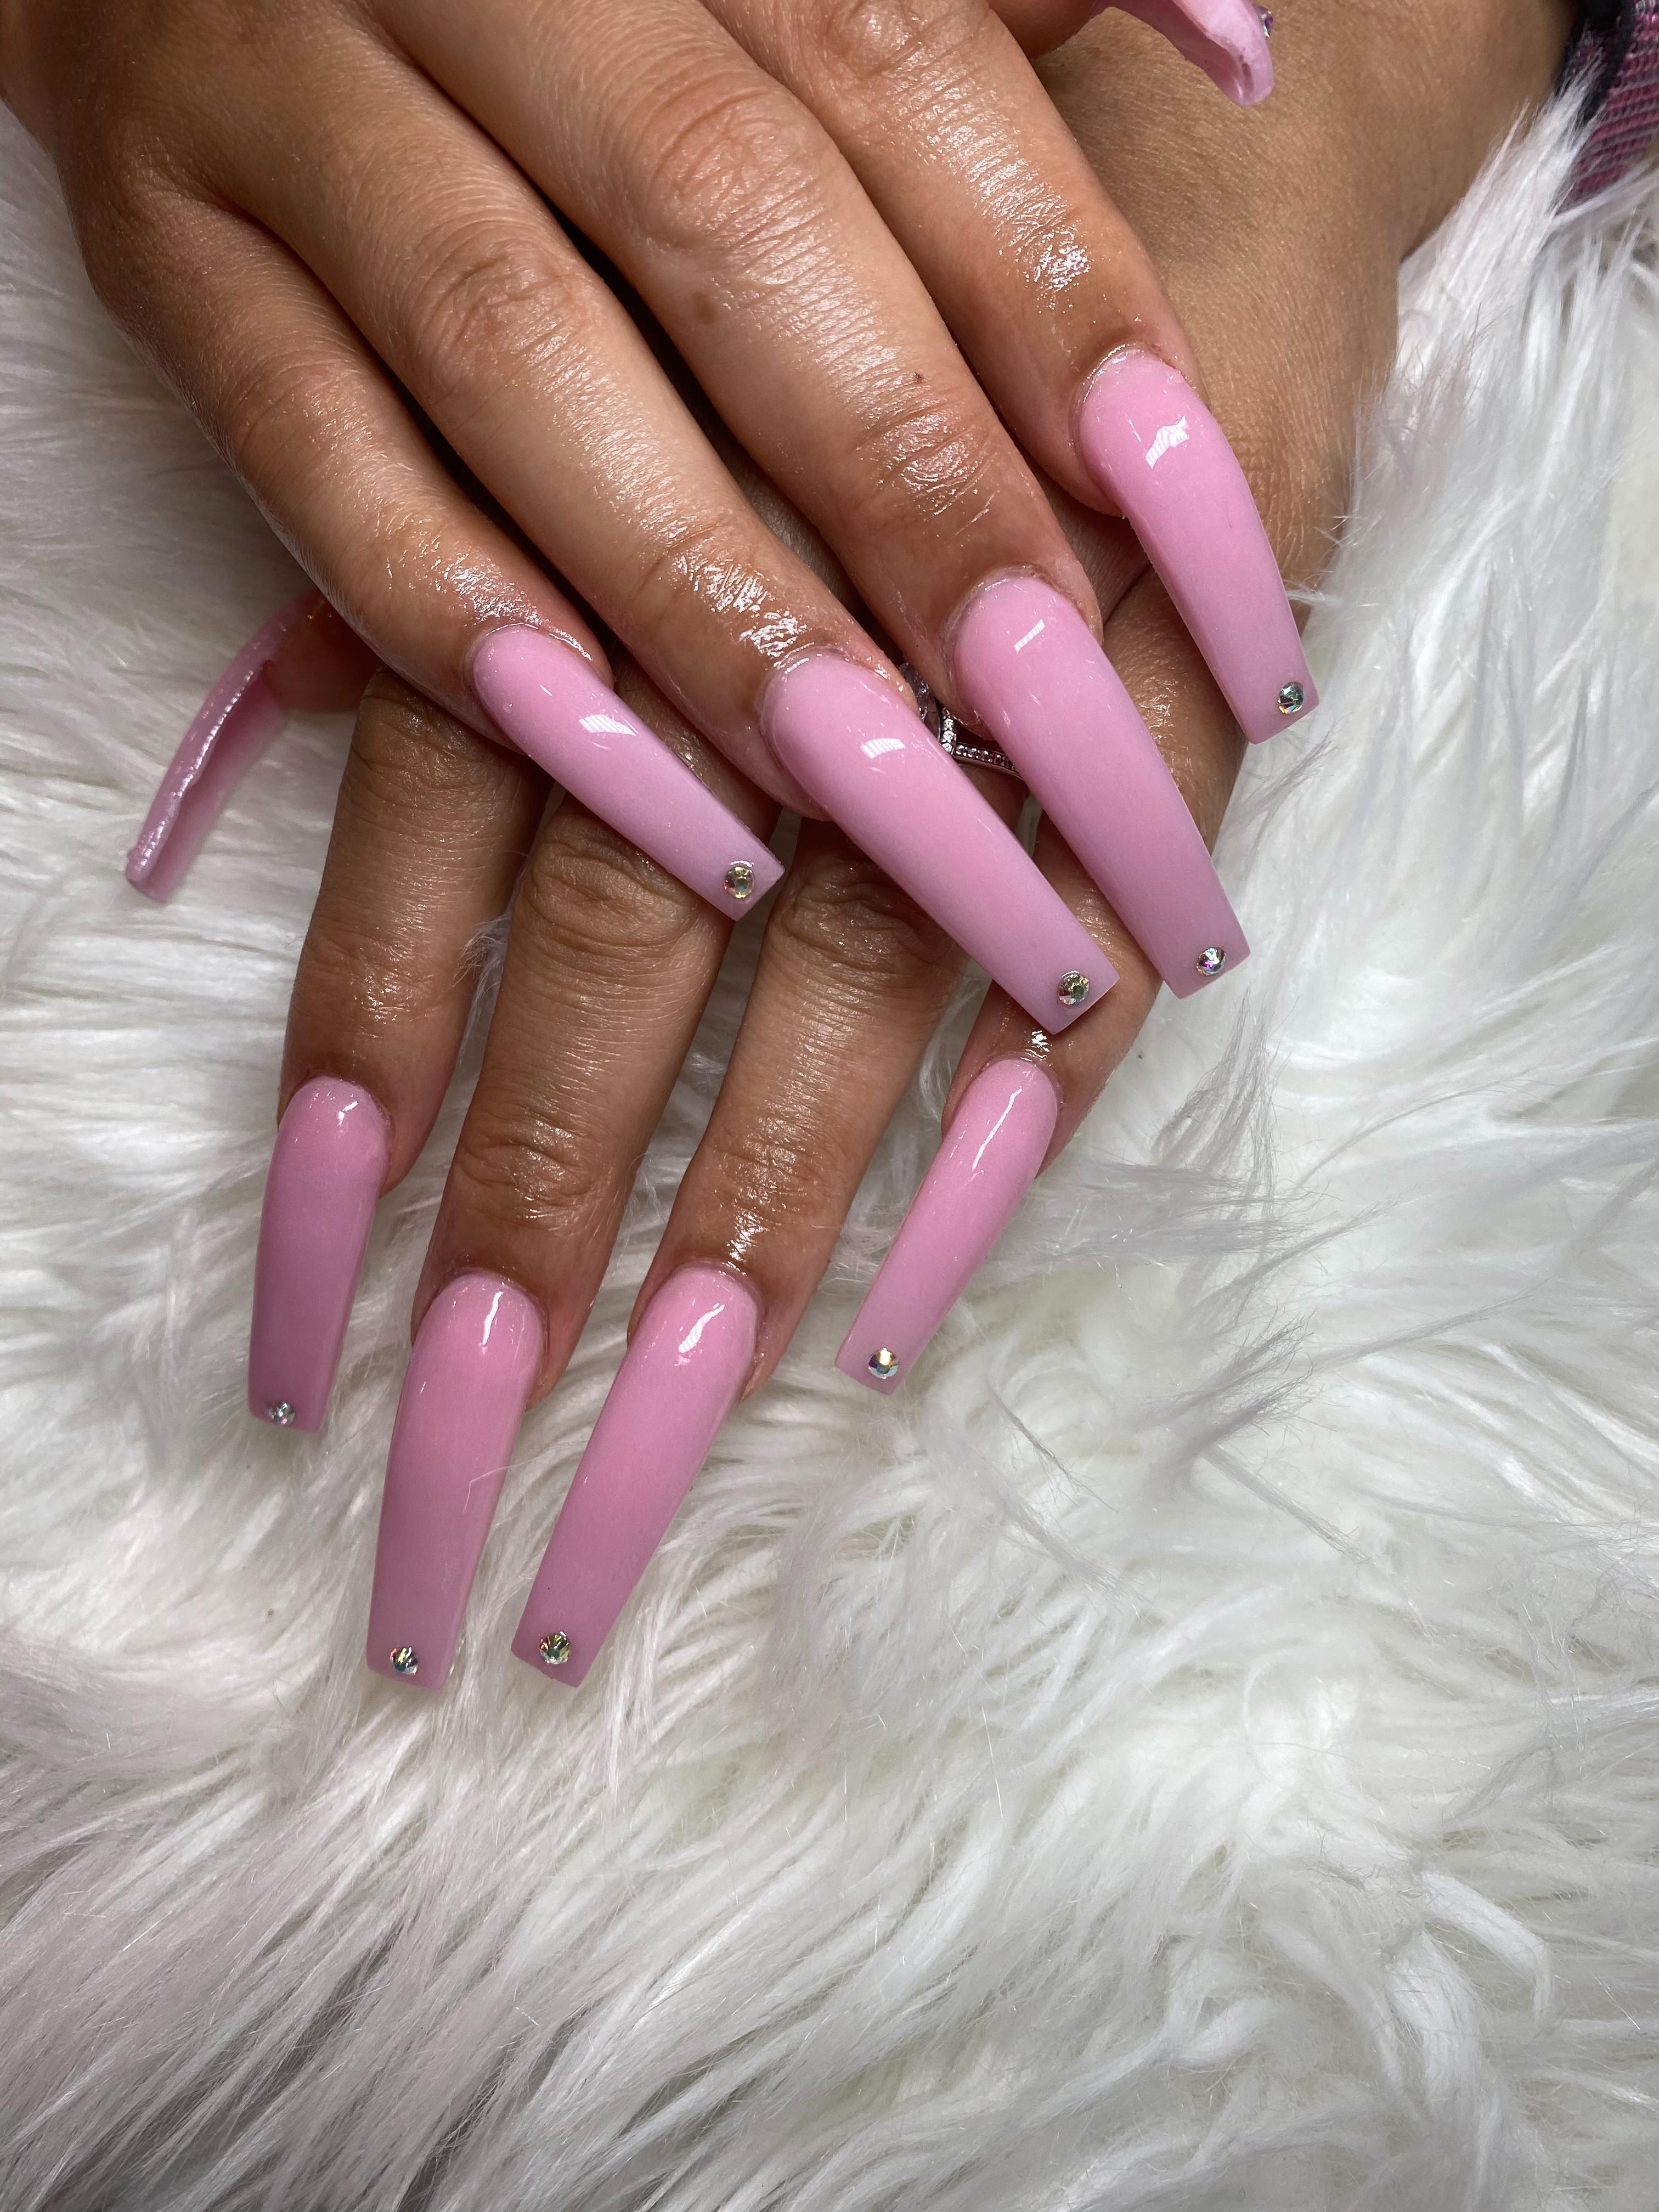 🦠COVID $55 Powder set/fill 2 bling nail